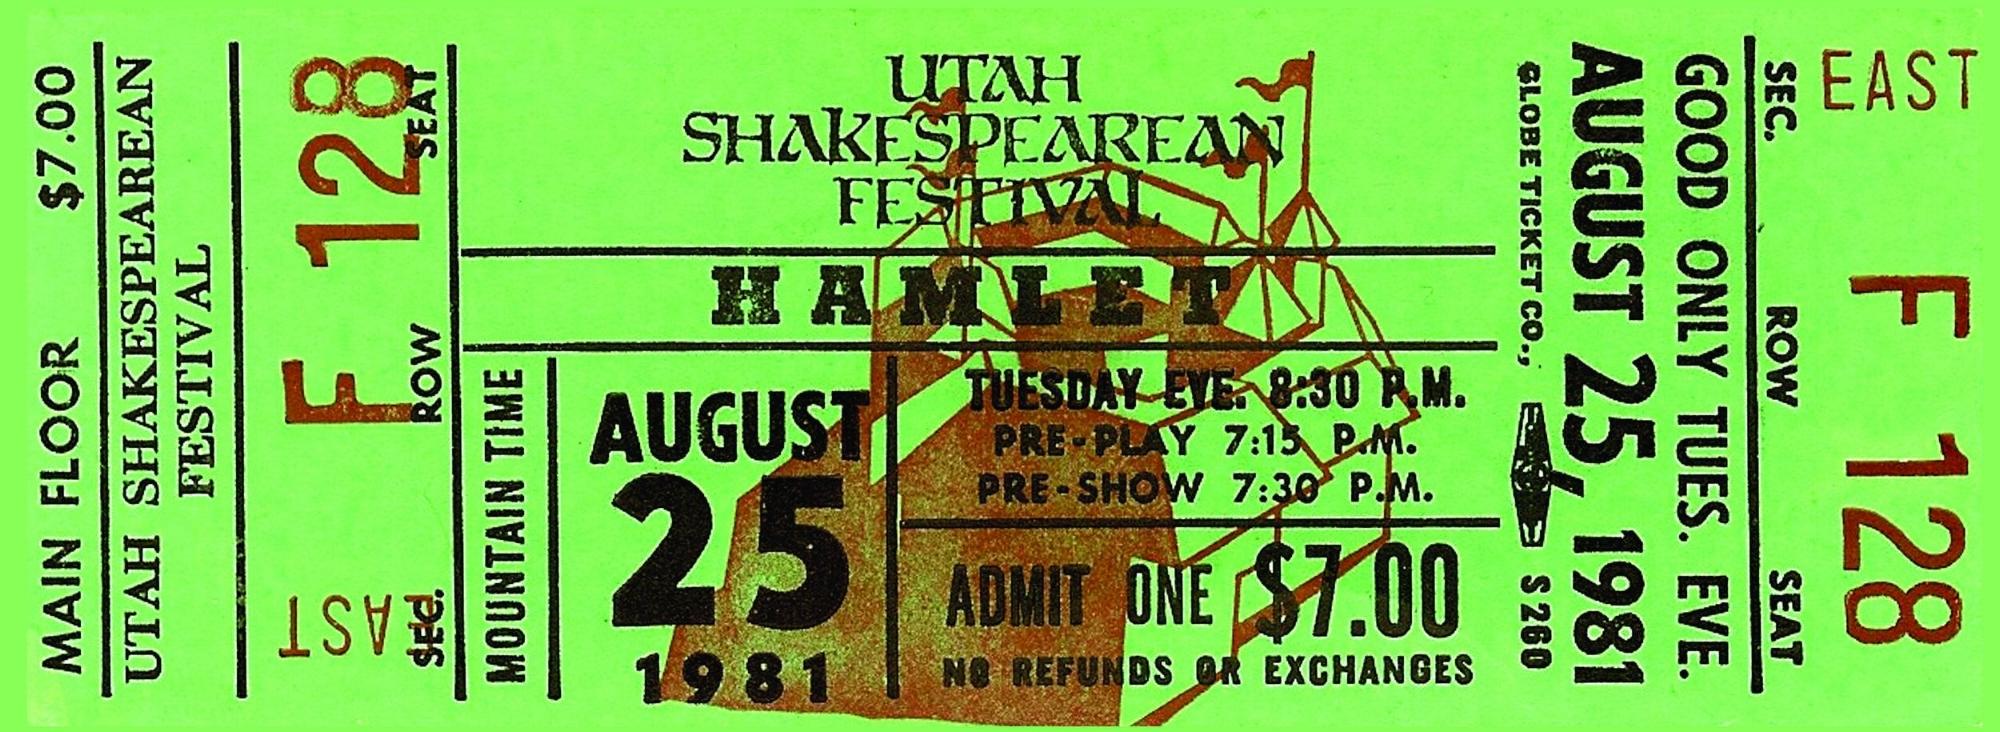 1981 Ticket 30x60.jpg